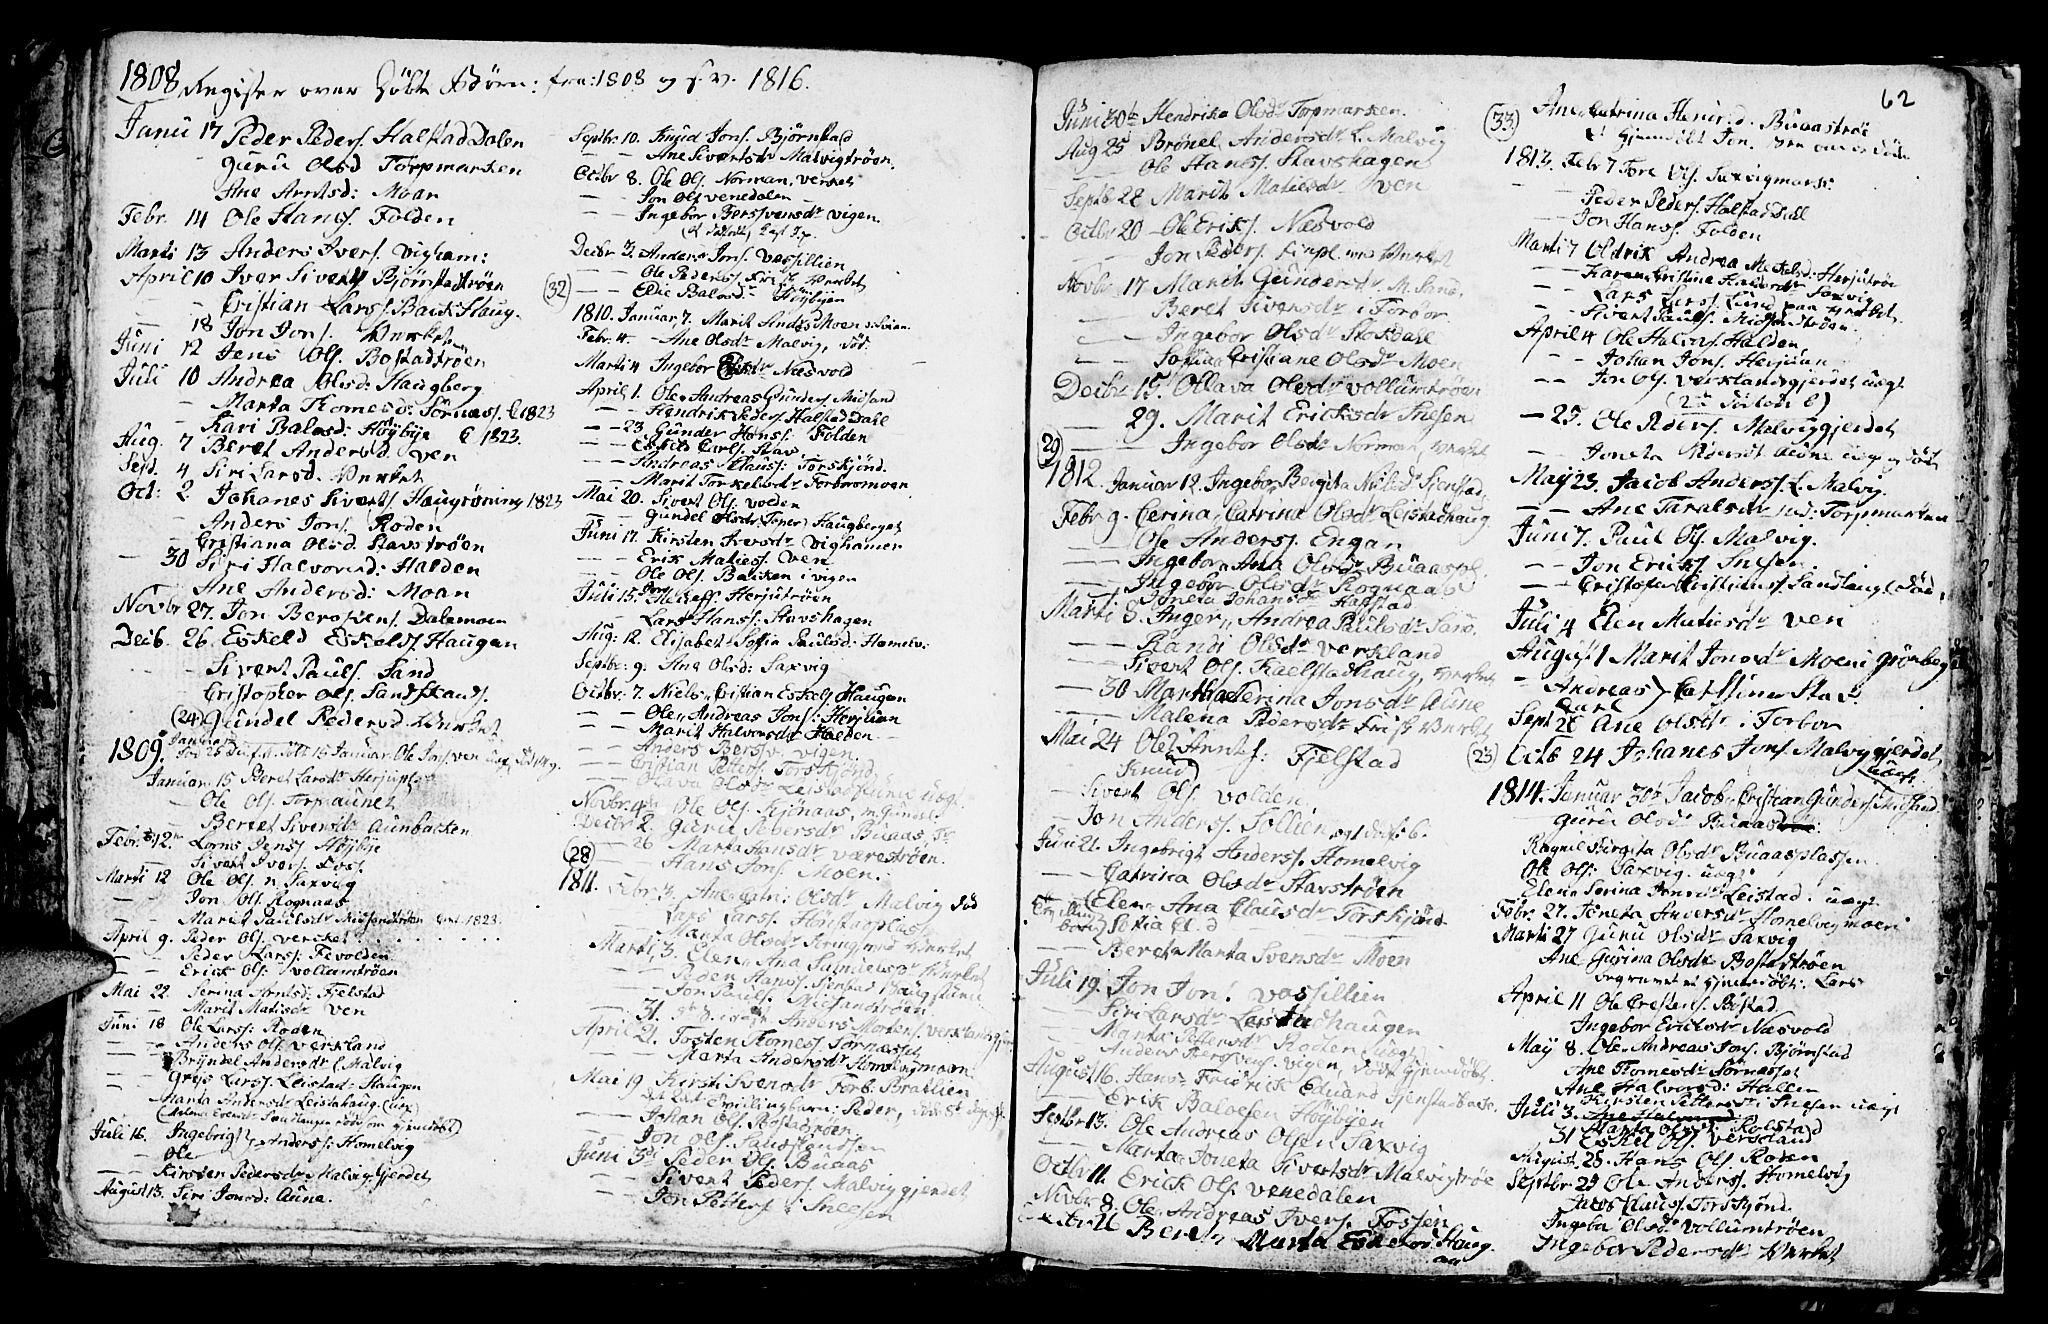 SAT, Ministerialprotokoller, klokkerbøker og fødselsregistre - Sør-Trøndelag, 616/L0419: Klokkerbok nr. 616C02, 1797-1816, s. 62